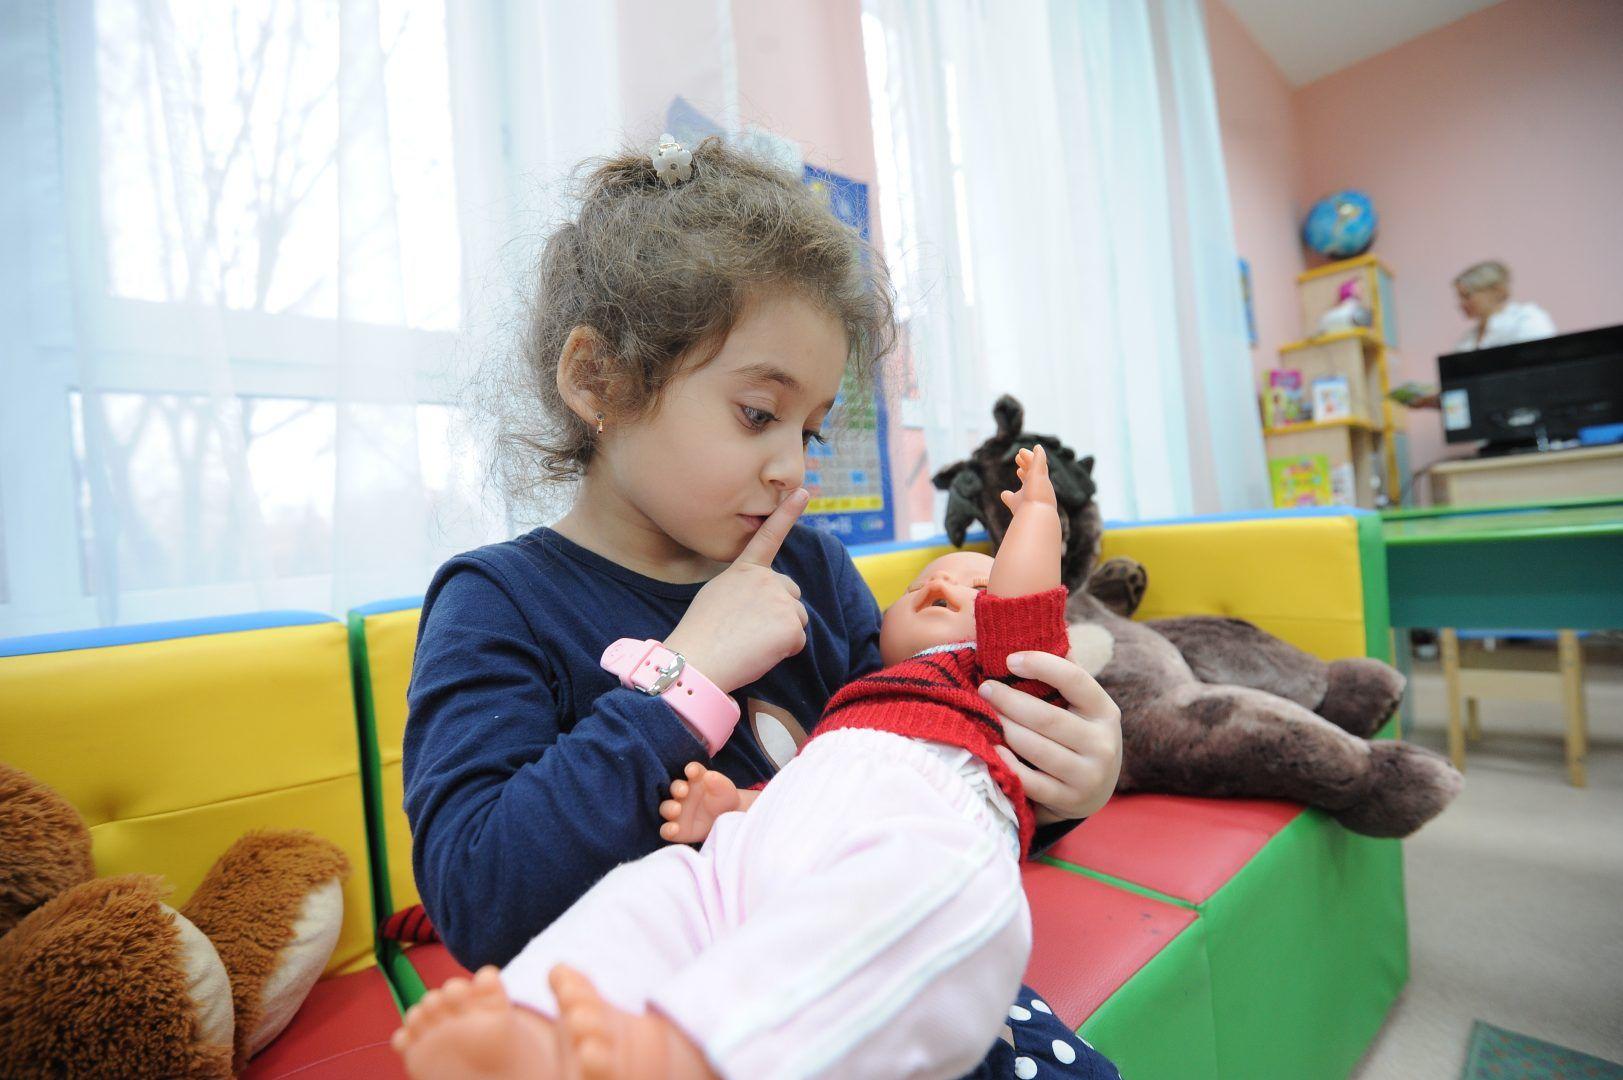 Открытие дополнительных детских садов ожидается в Новой Москве в 2019 году. Фото: Пелагия Замятина, «Вечерняя Москва»